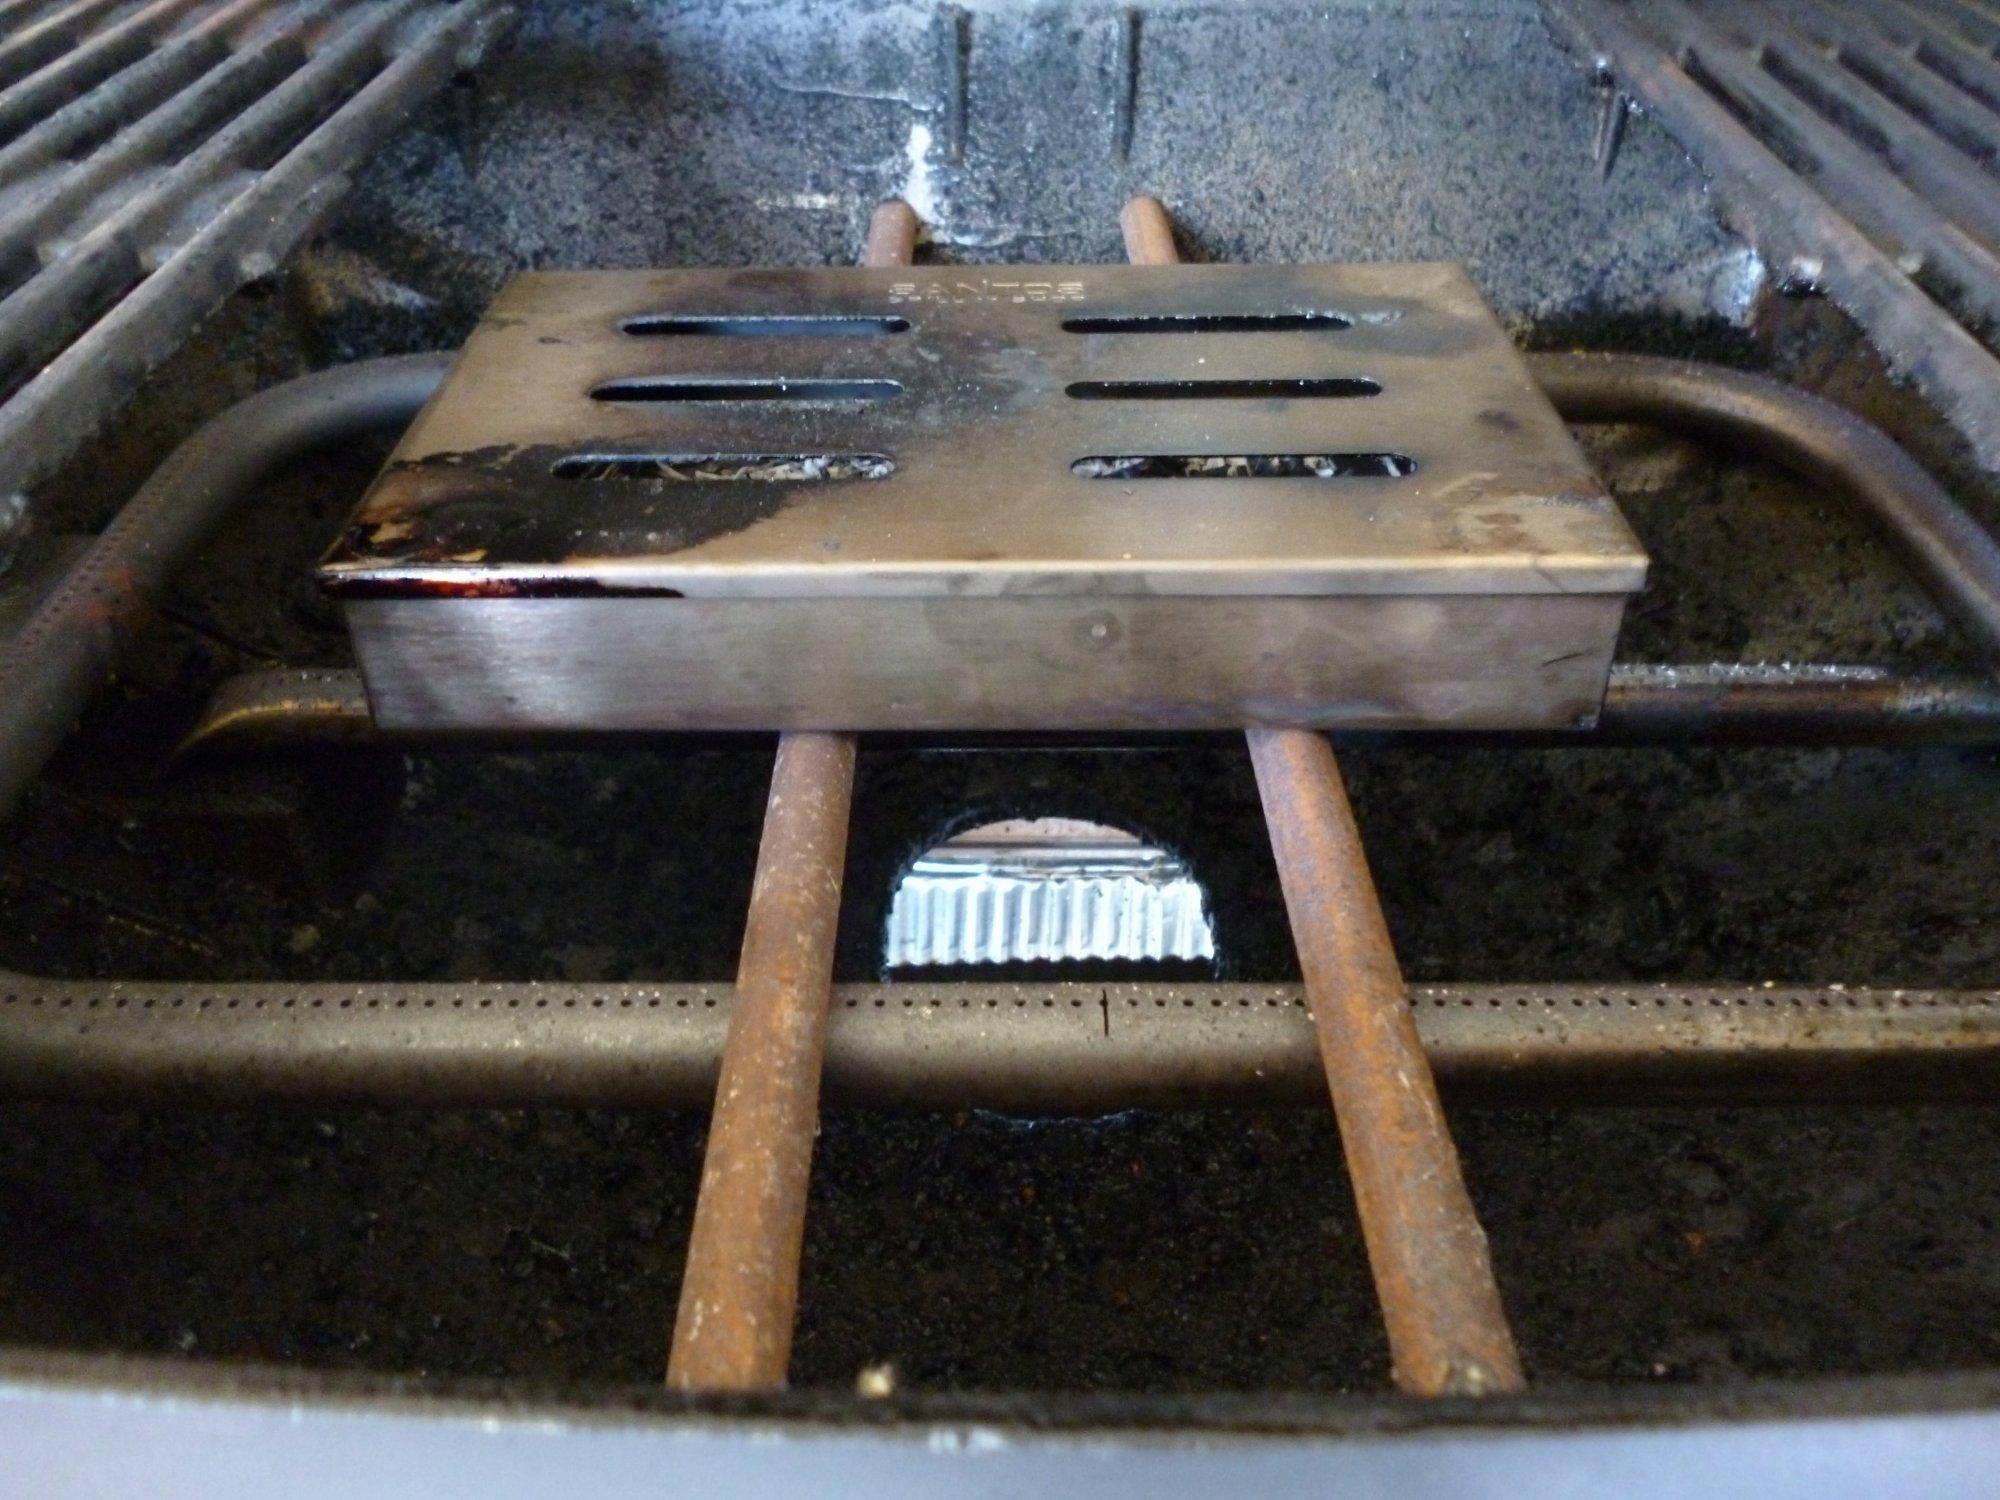 Räucherbox Für Gasgrill Q 3200 : Erfolgreicher räuchertest q grillforum und bbq